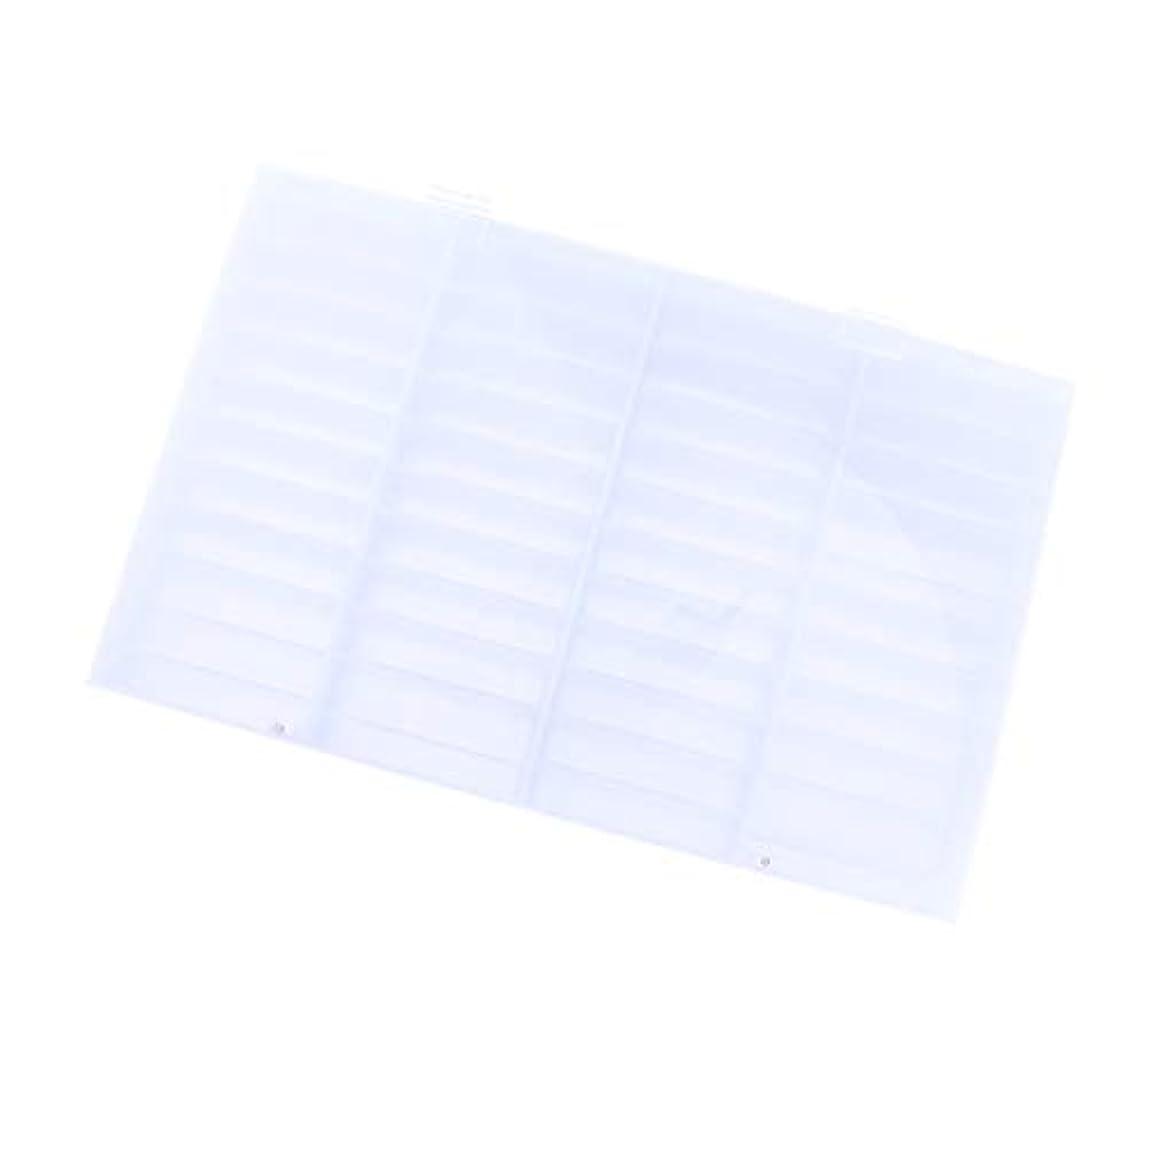 キャビン凍る静脈ネイルアート小物収納 爪の装飾のビーズ 収納ボックス 44コンパートメント 工芸品 便利 使いやすさ